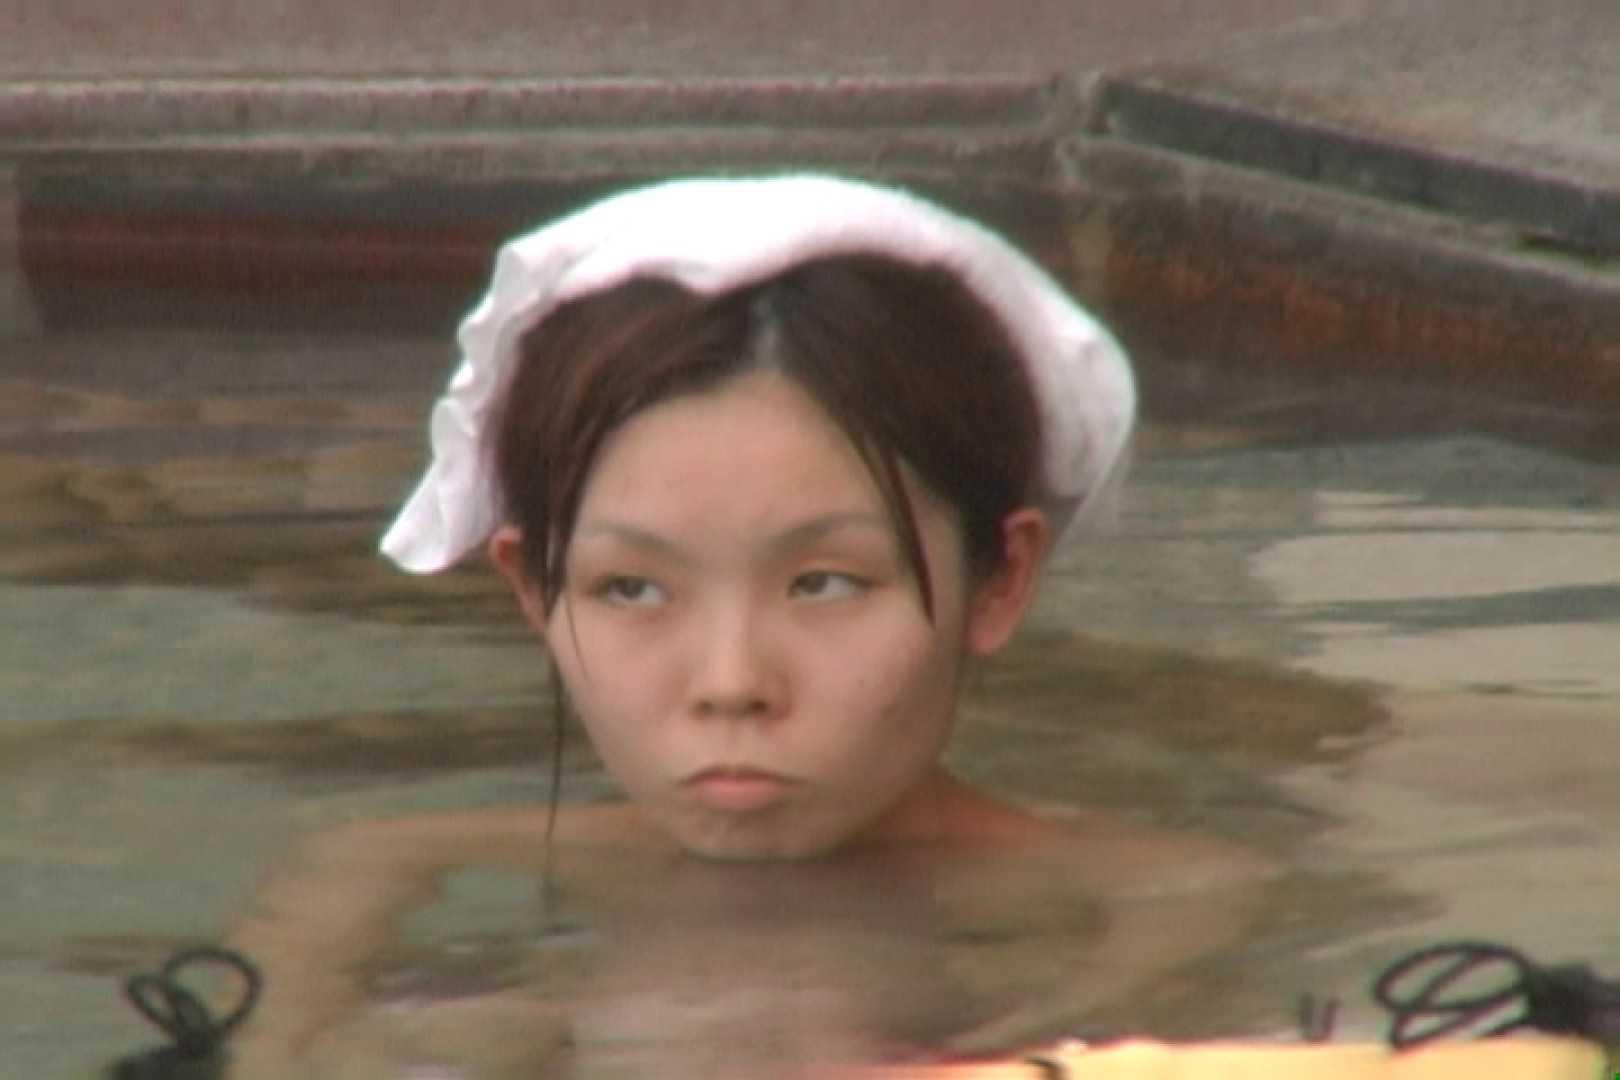 Aquaな露天風呂Vol.580 0   0  103pic 49